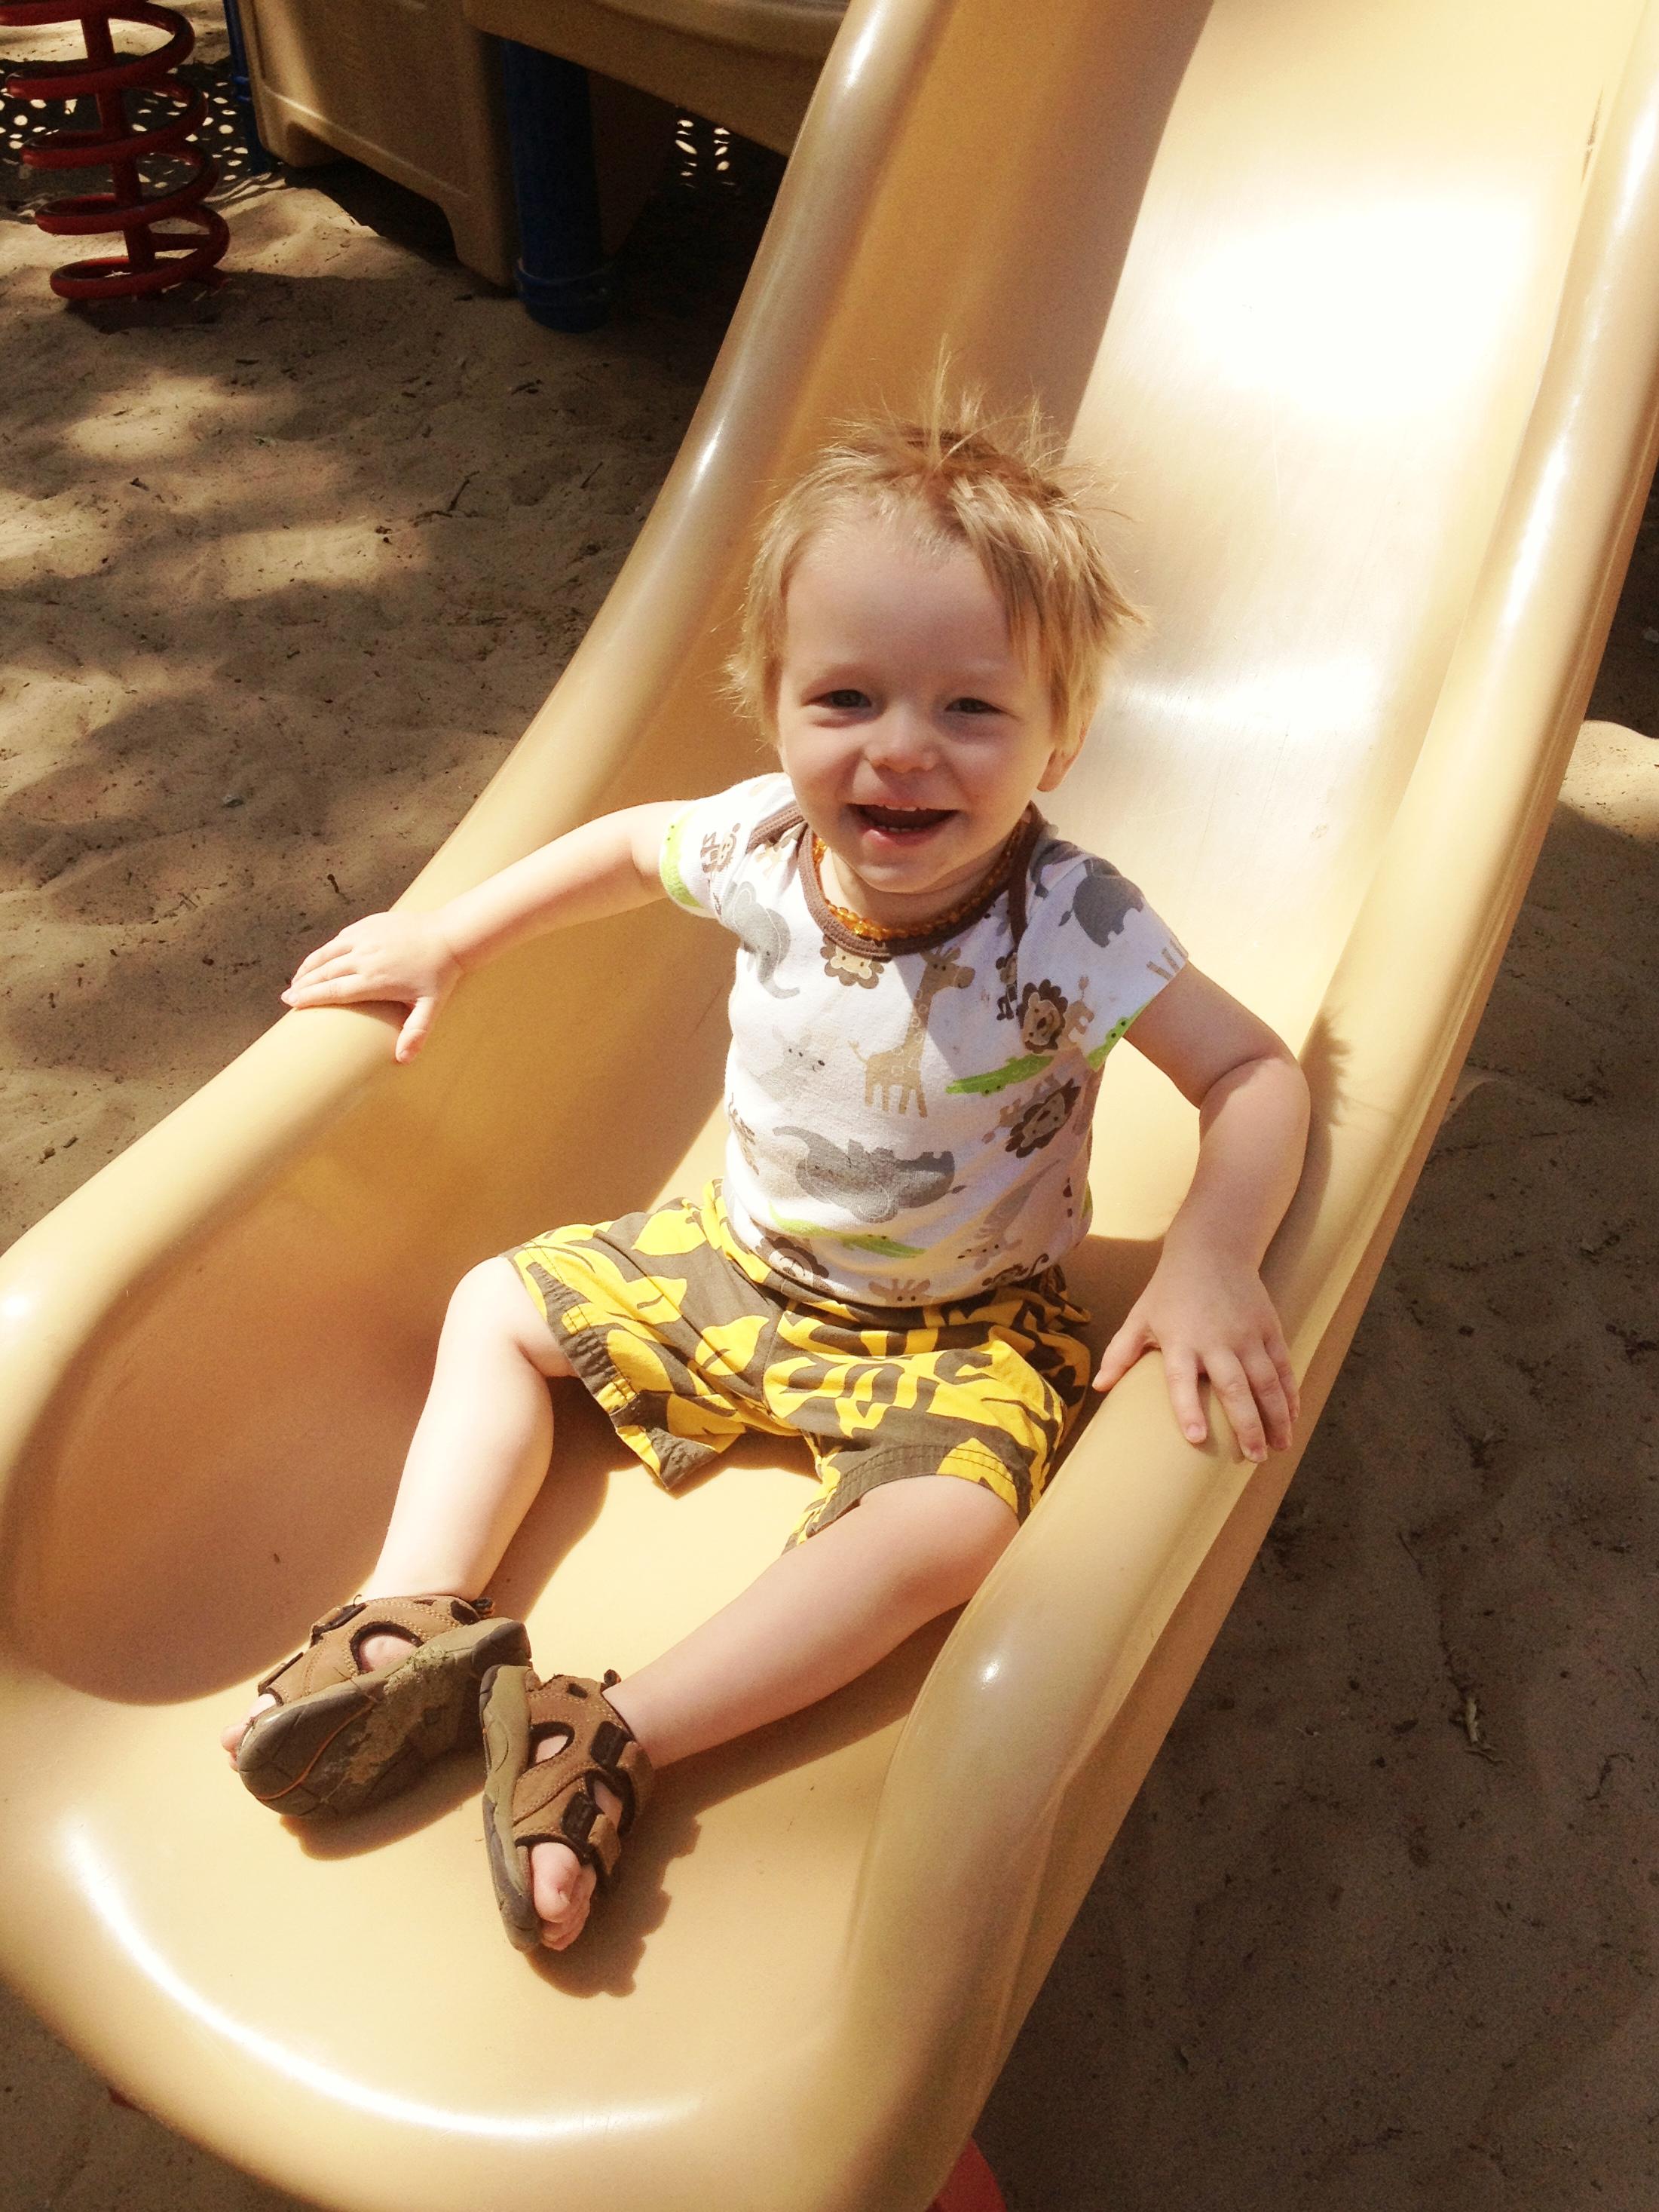 AJ playground smiling